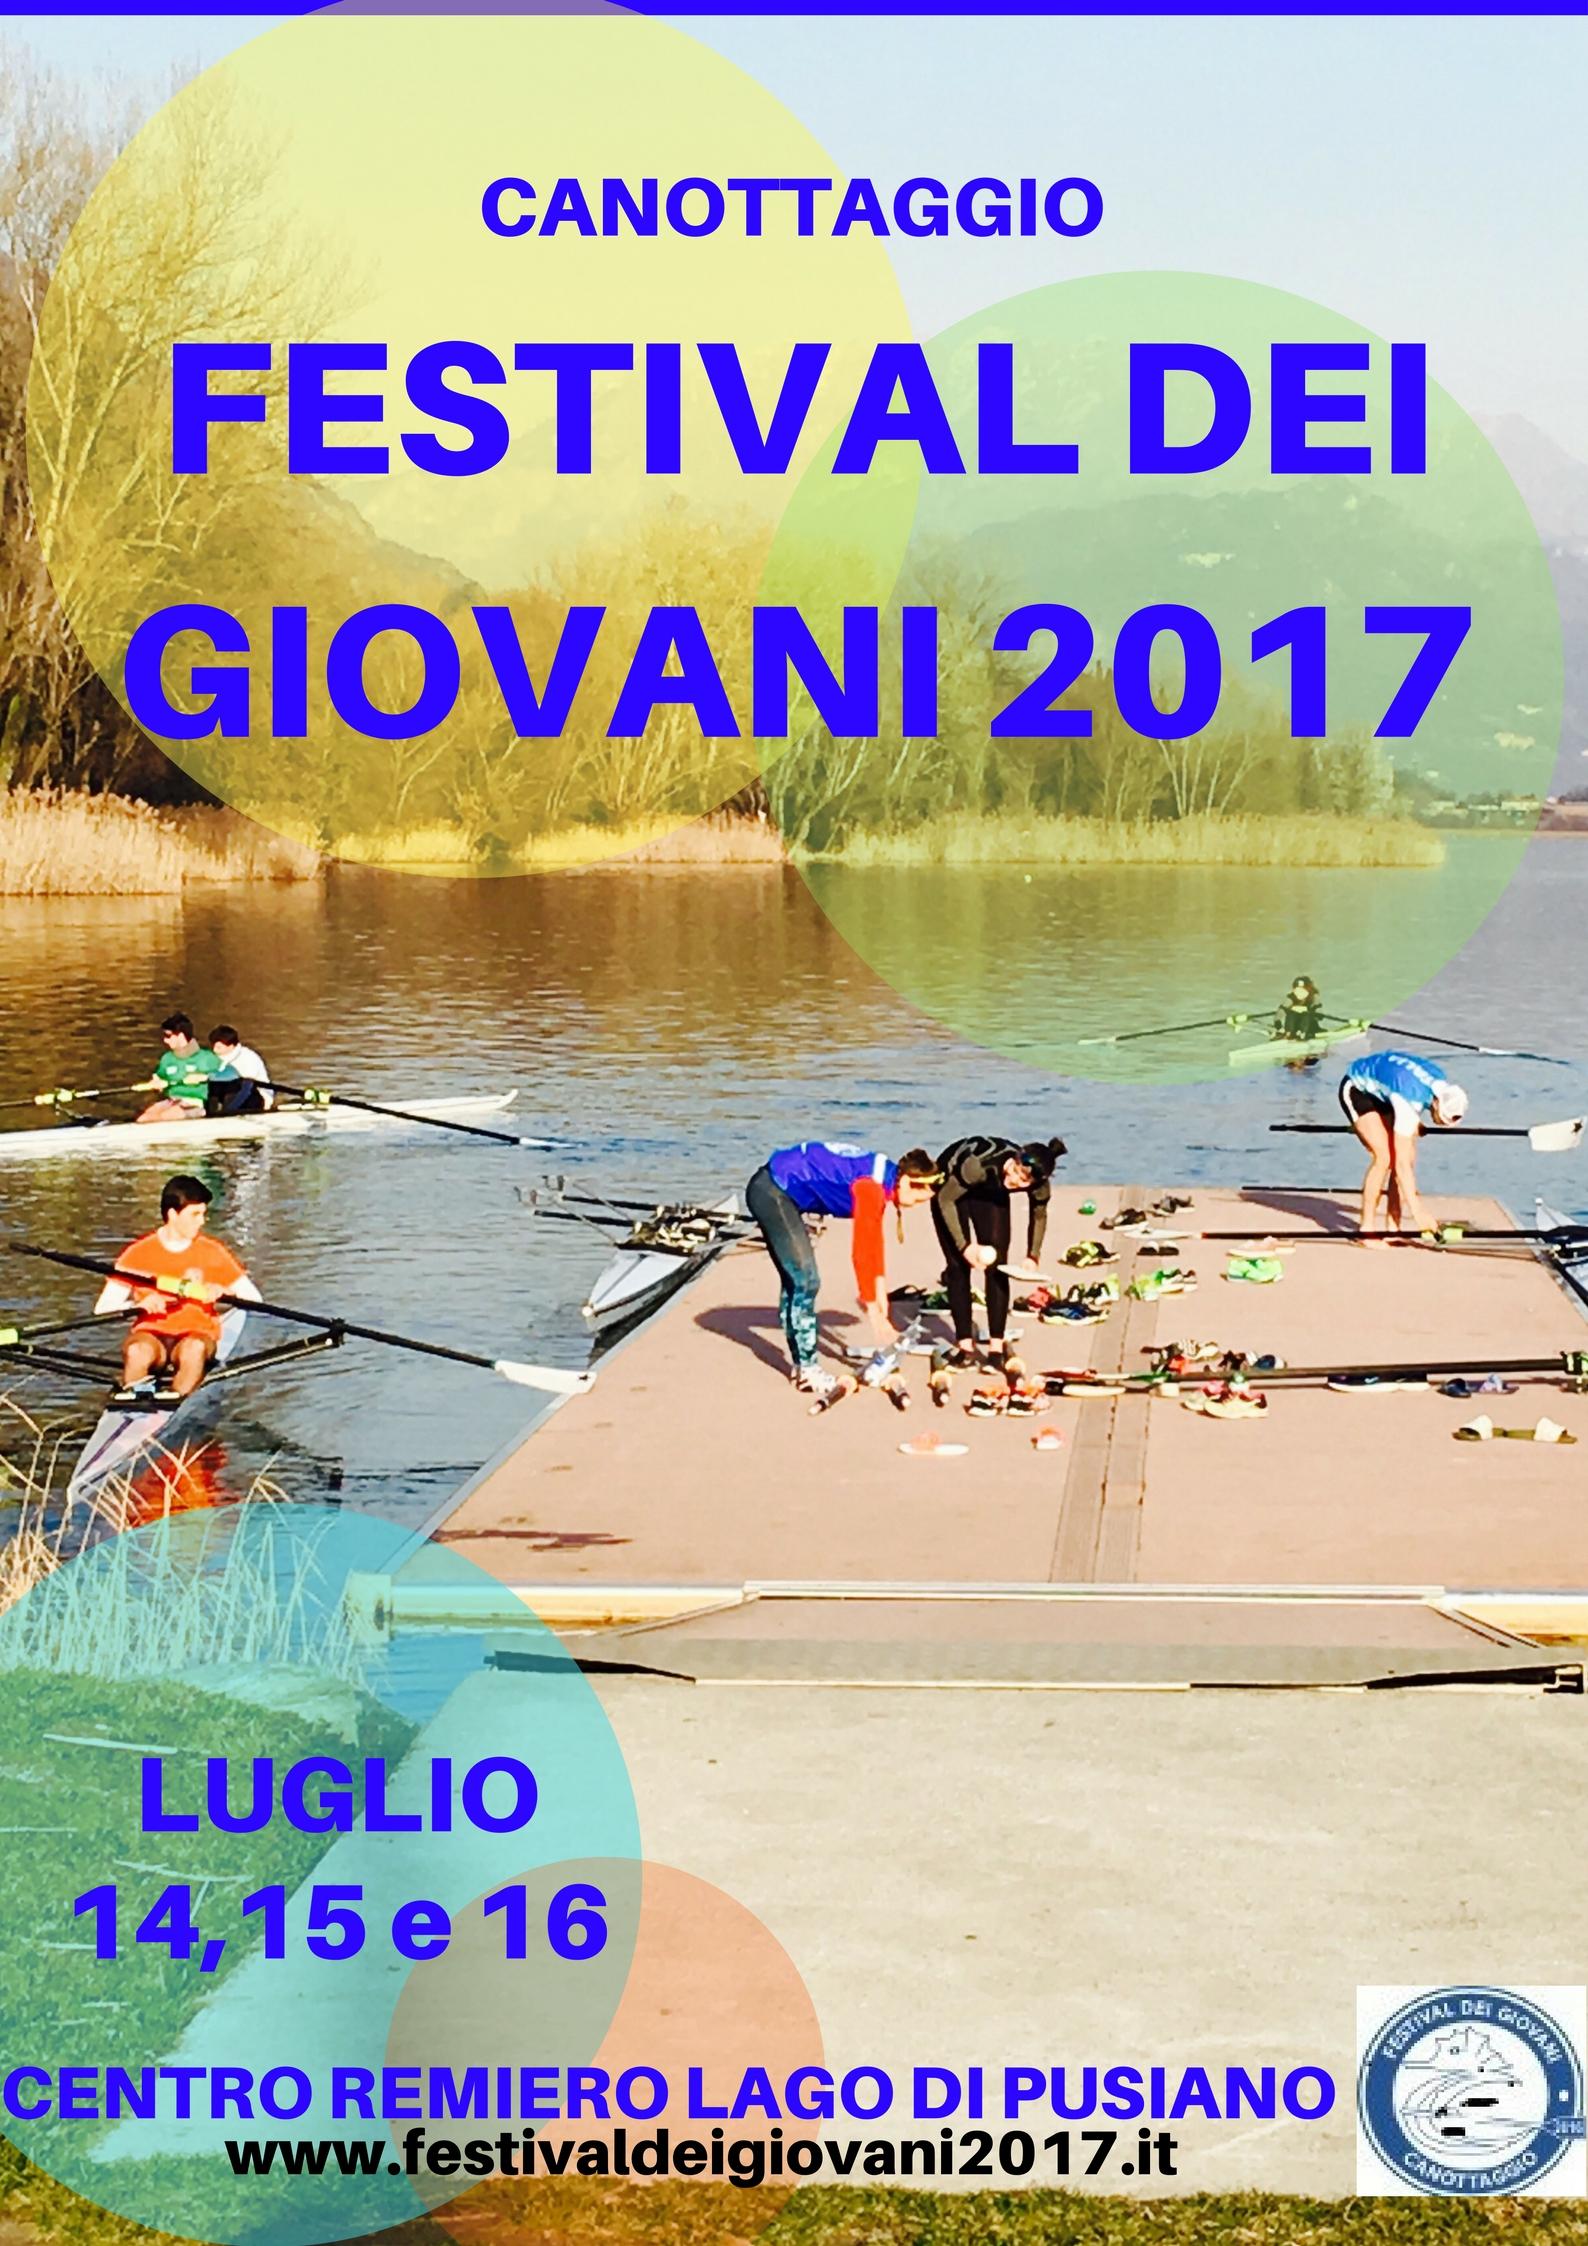 Festival dei Giovani di Canottaggio 2017